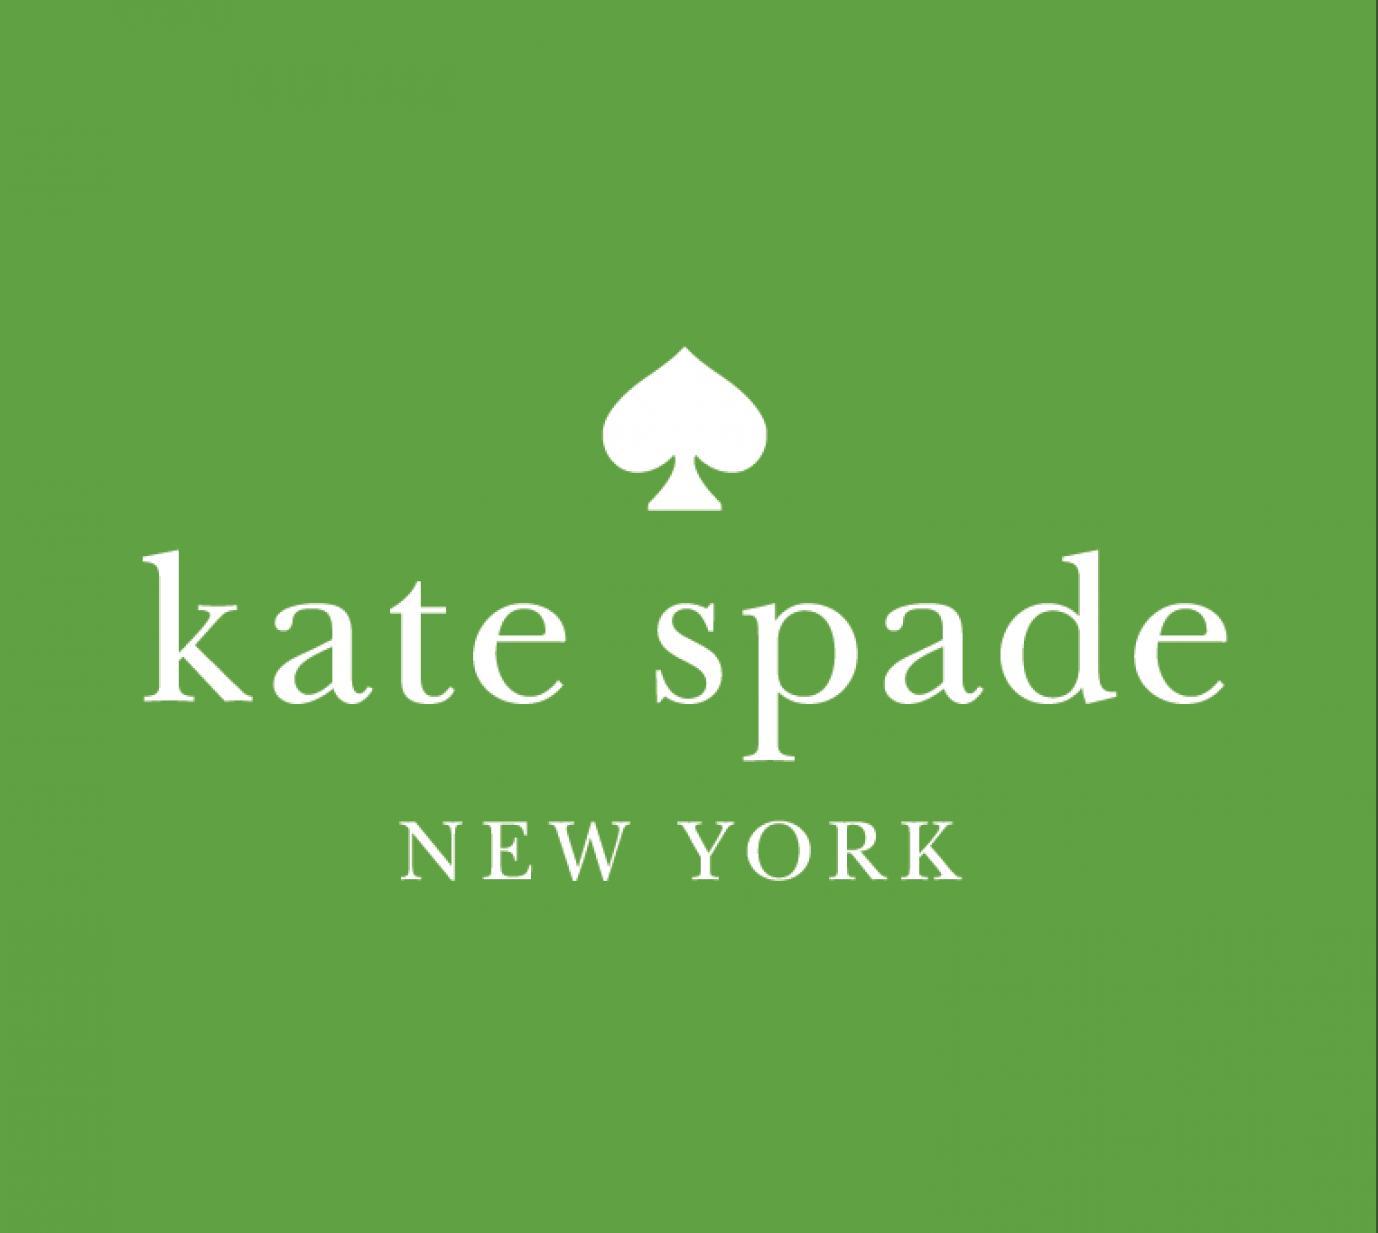 蒲田東急プラザ店「kate spade(ケイトスペード)期間限定入荷」のお知らせ